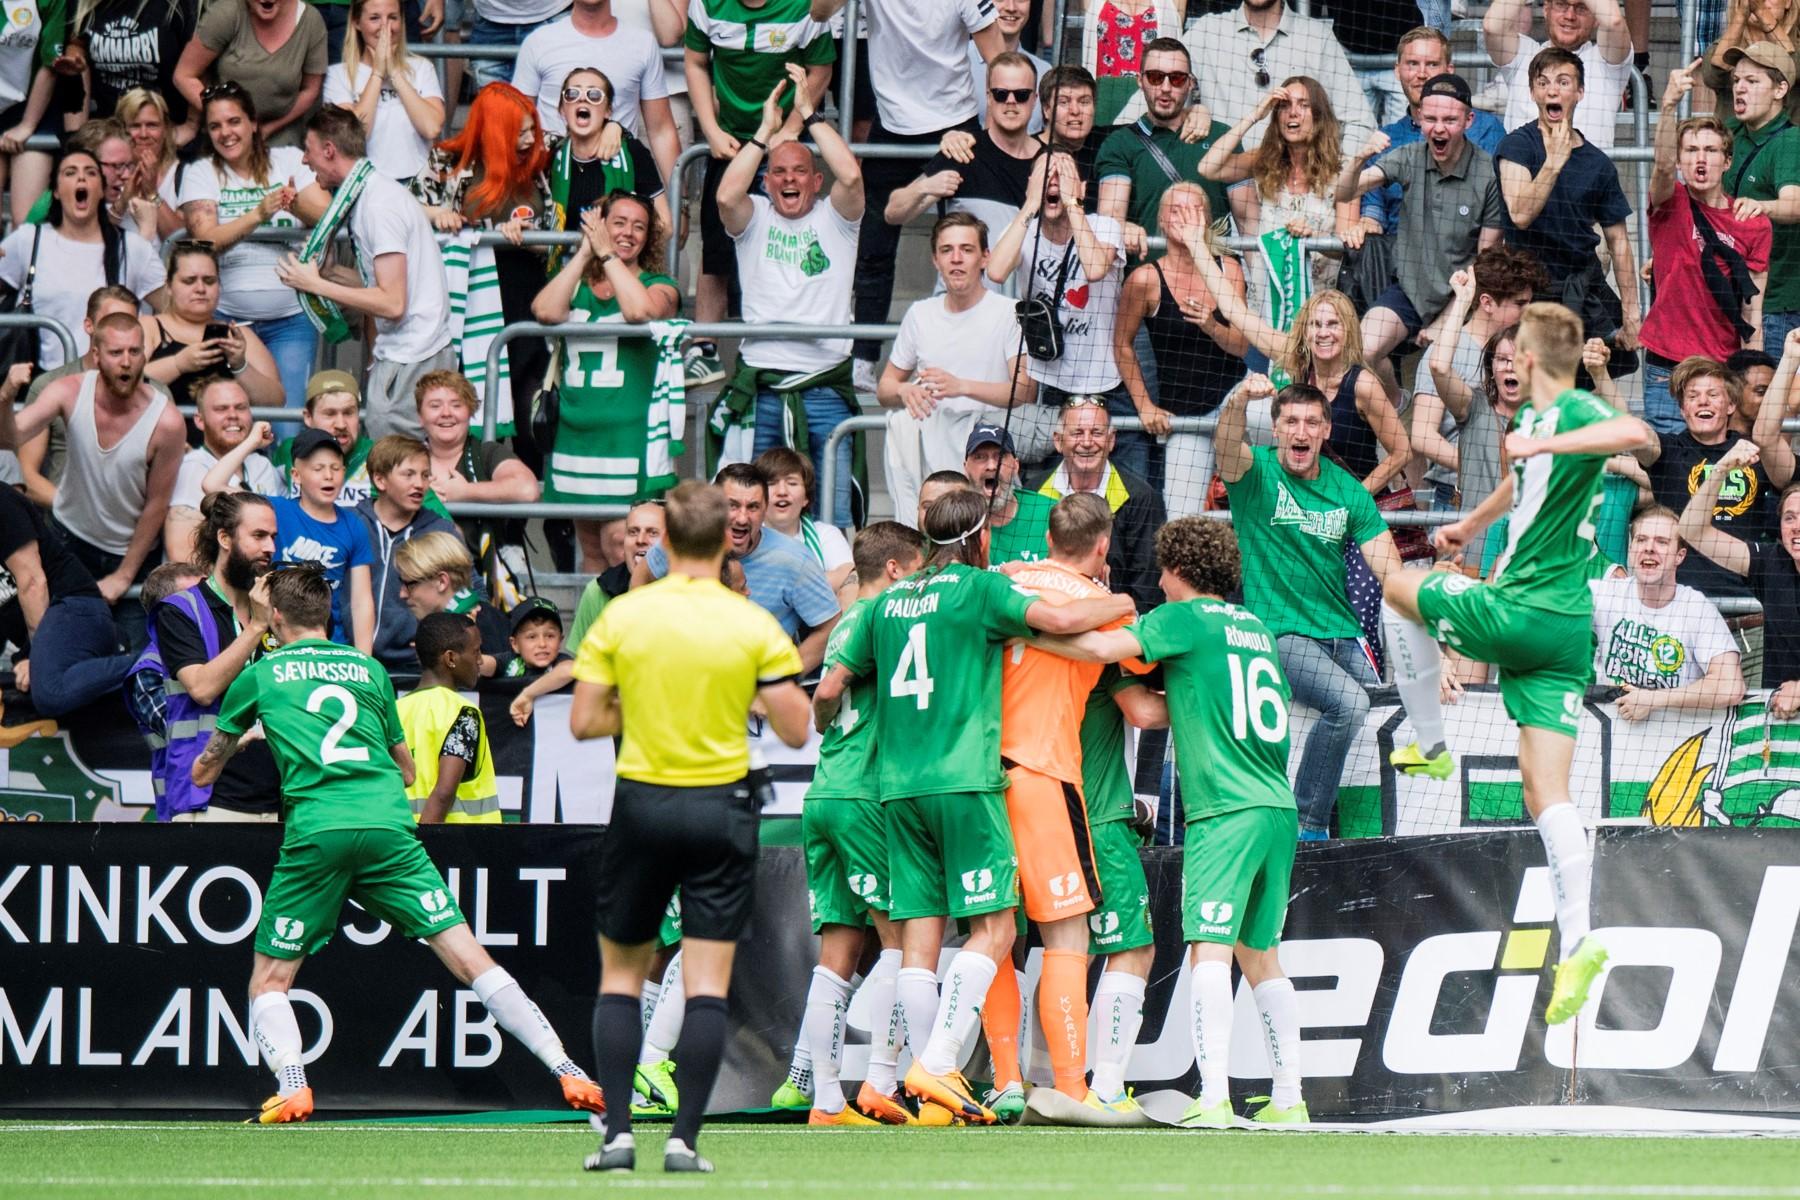 Fotboll, Allsvenskan, Hammarby - Jönköping